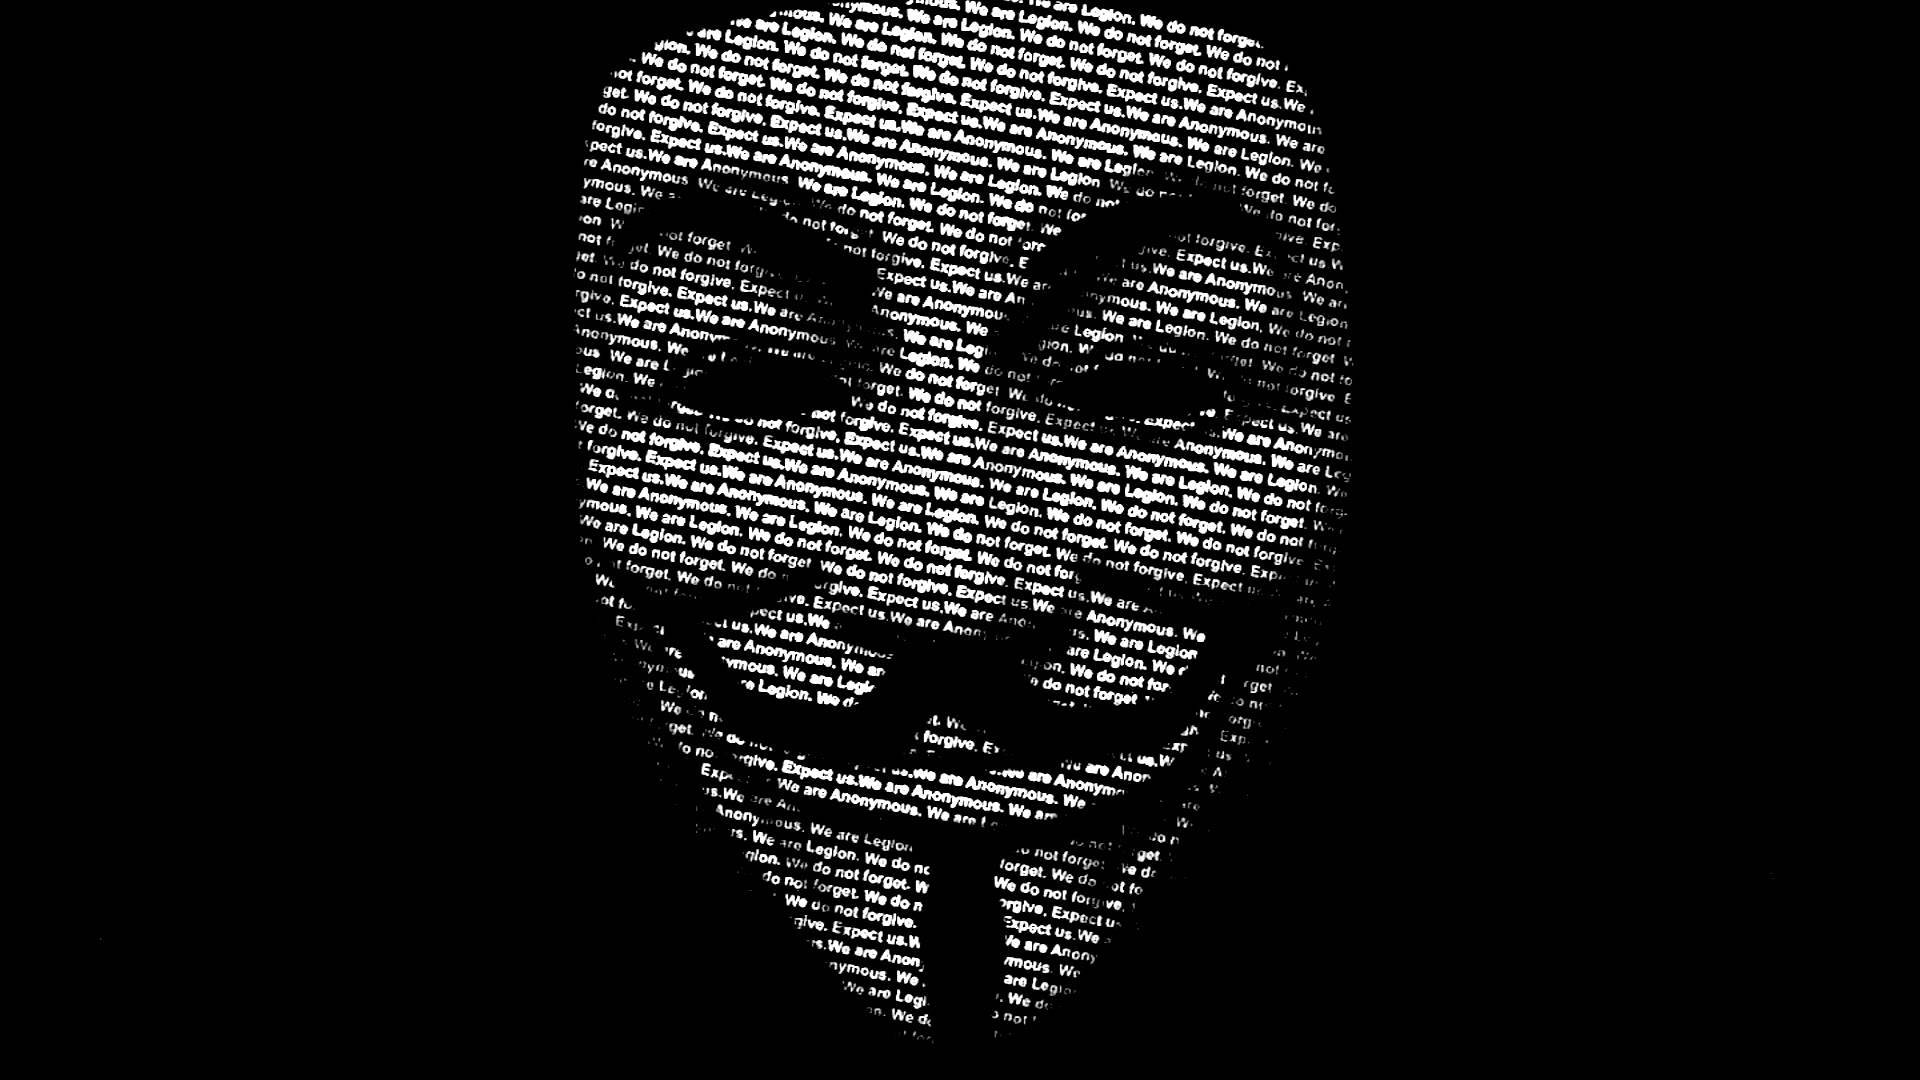 Основные мировые события, хактивизм и #OpOlympicHacking - 1